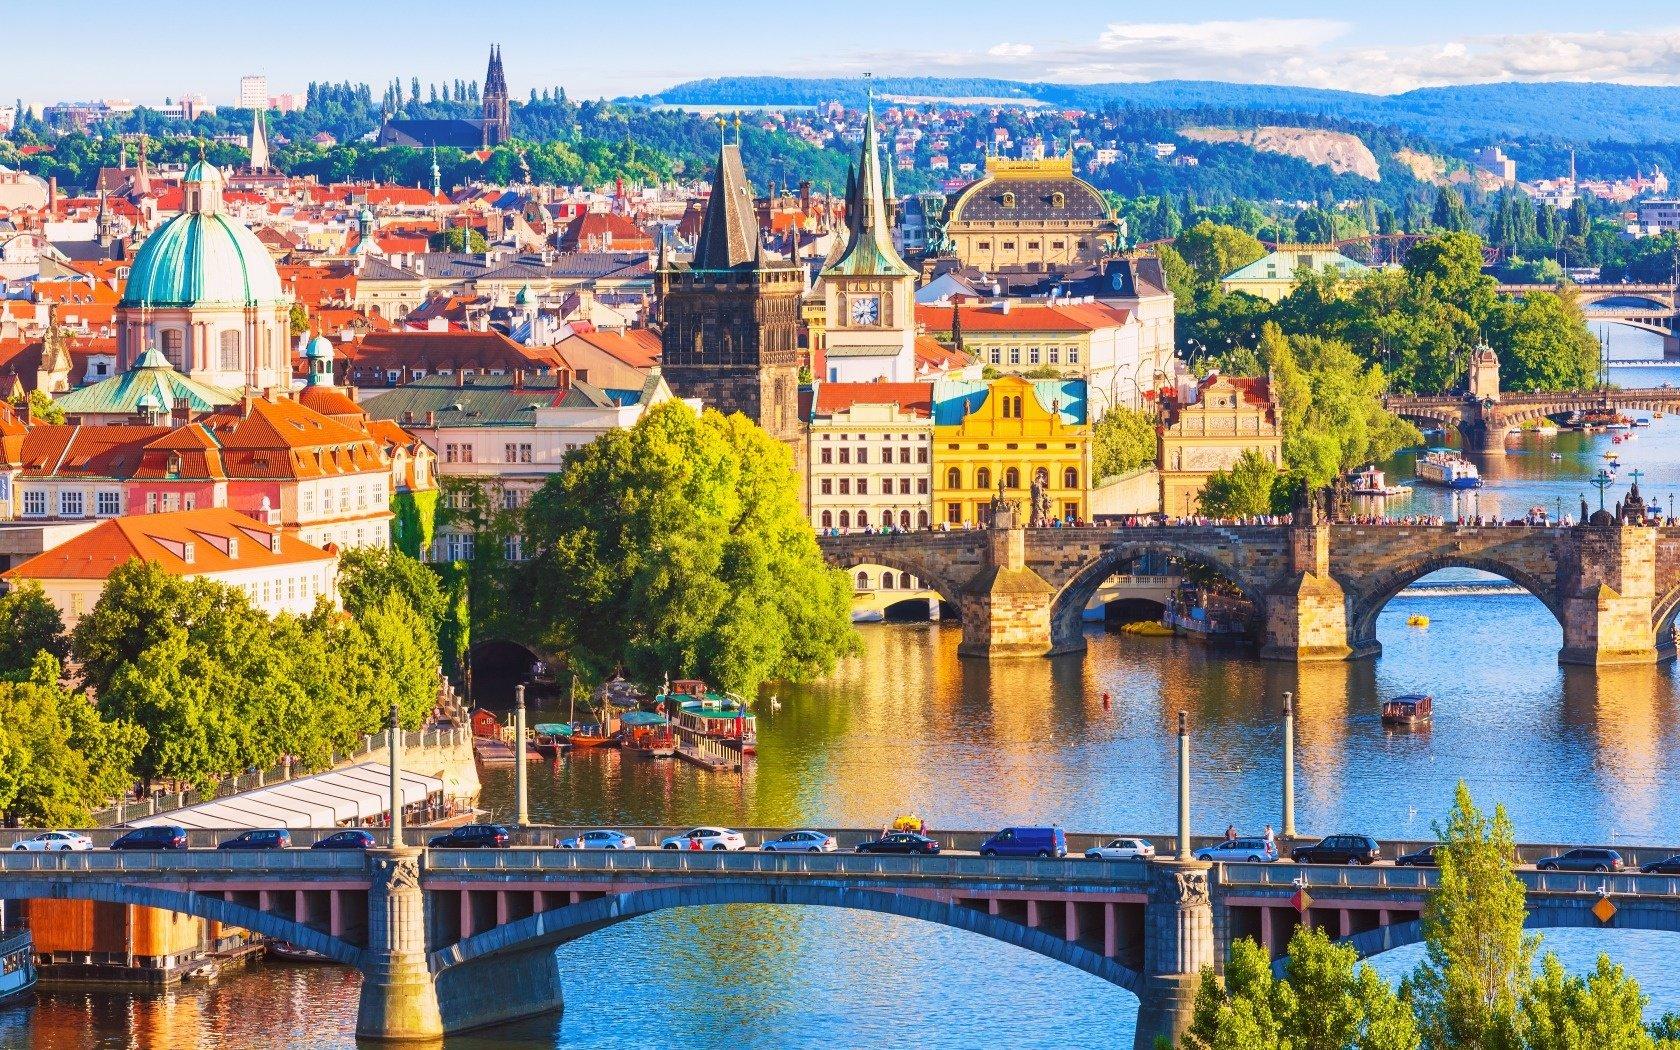 Сколько стоит жизнь в Праге: зарплаты, питание, транспорт, жилье, услуги, мобильная связь